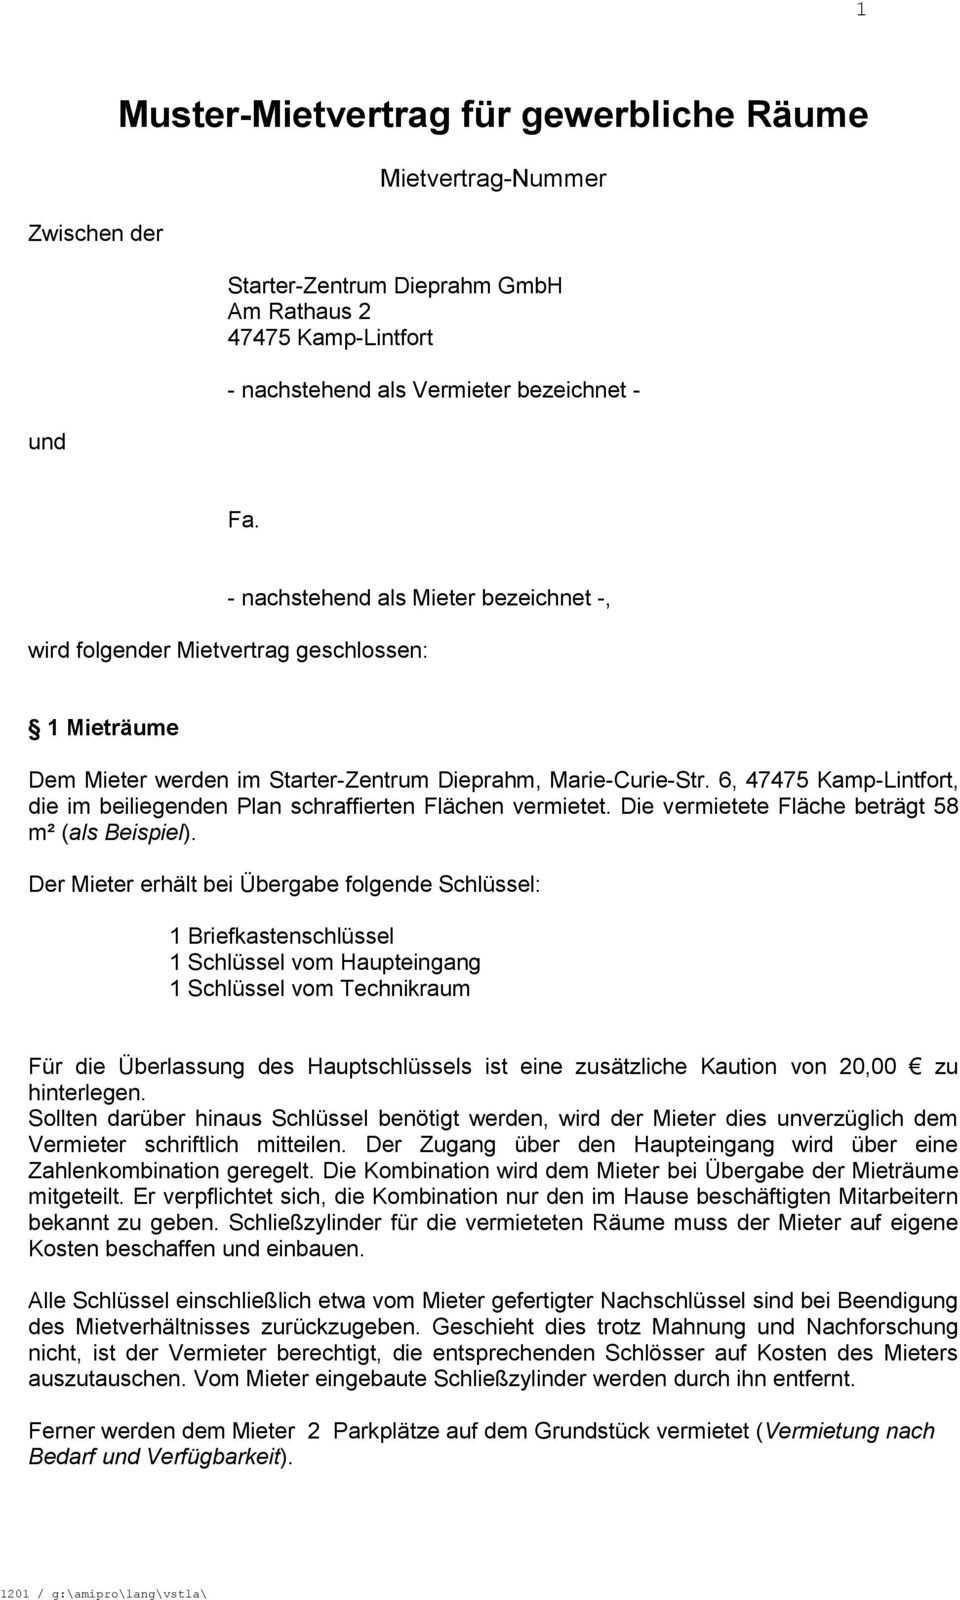 Muster Mietvertrag Fur Gewerbliche Raume Pdf Kostenfreier Download